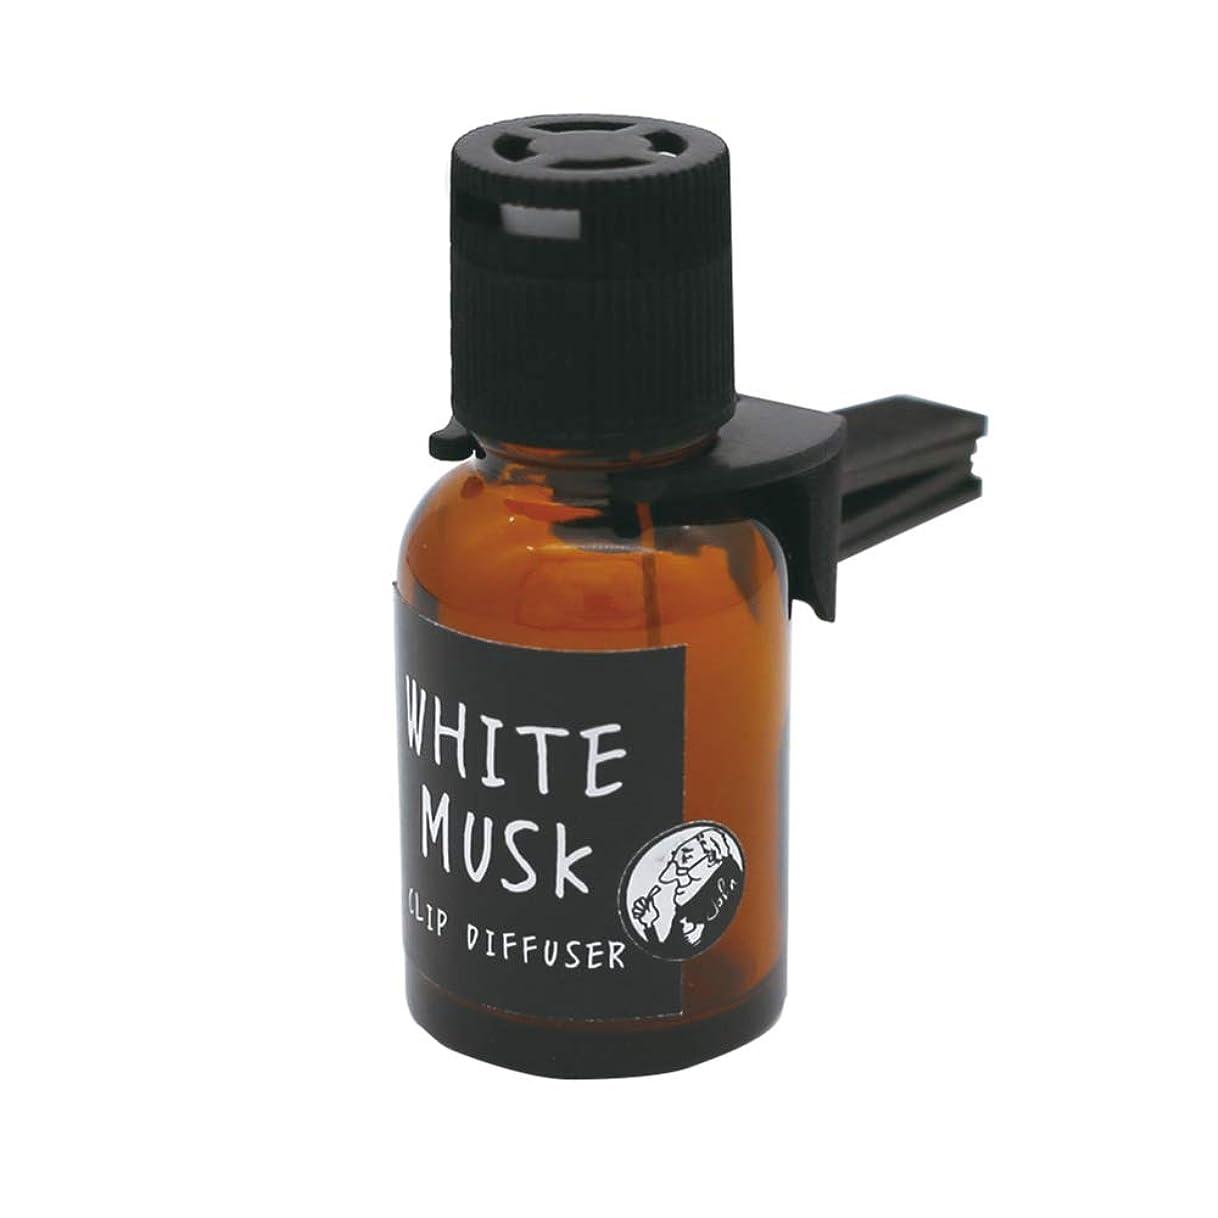 歯科医提案ランデブーノルコーポレーション John's Blend 車用芳香剤 クリップディフューザー OA-JON-20-1 ホワイトムスクの香り 18ml